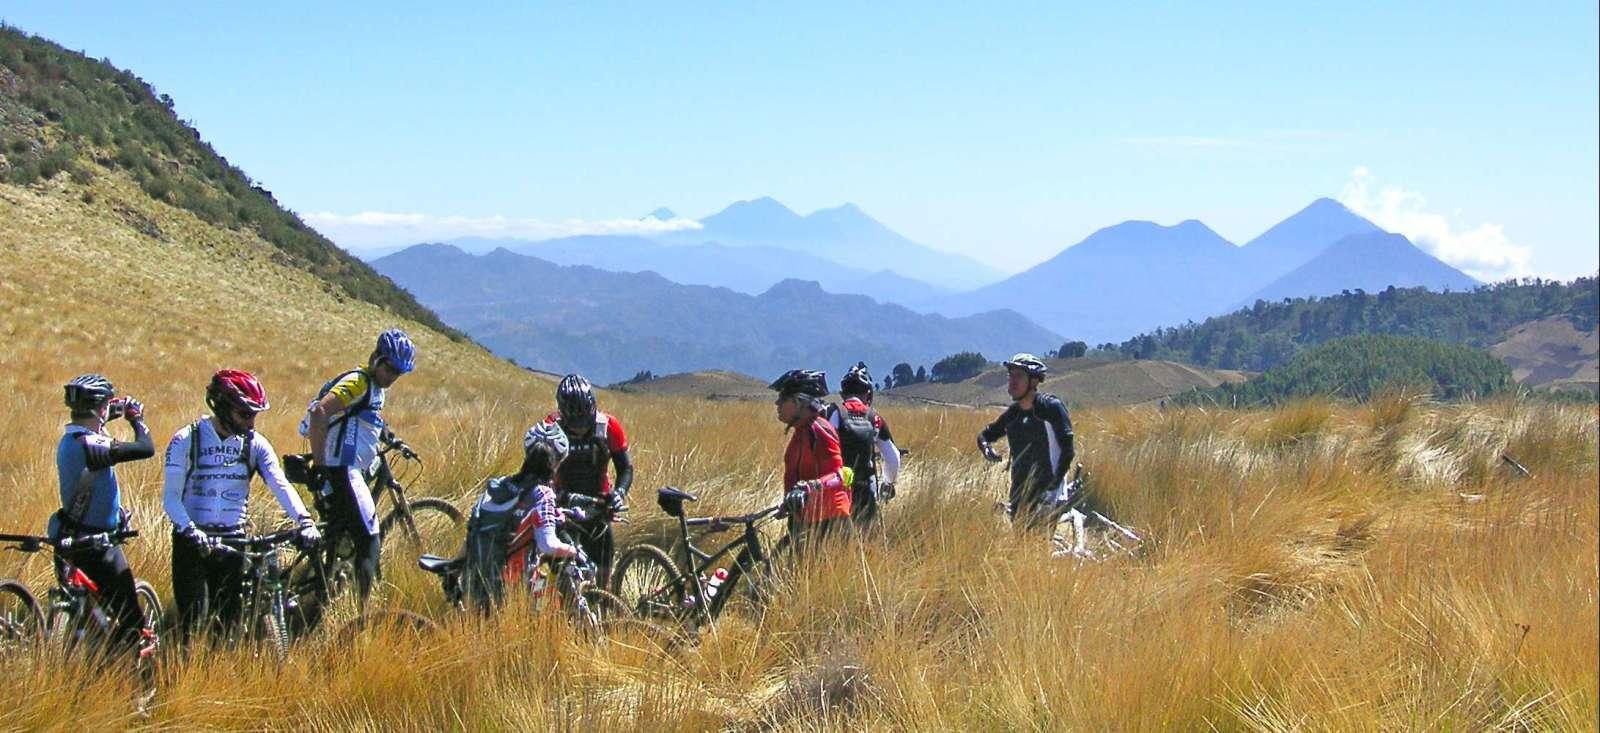 Voyage en véhicule : Le Guatemala à vélo